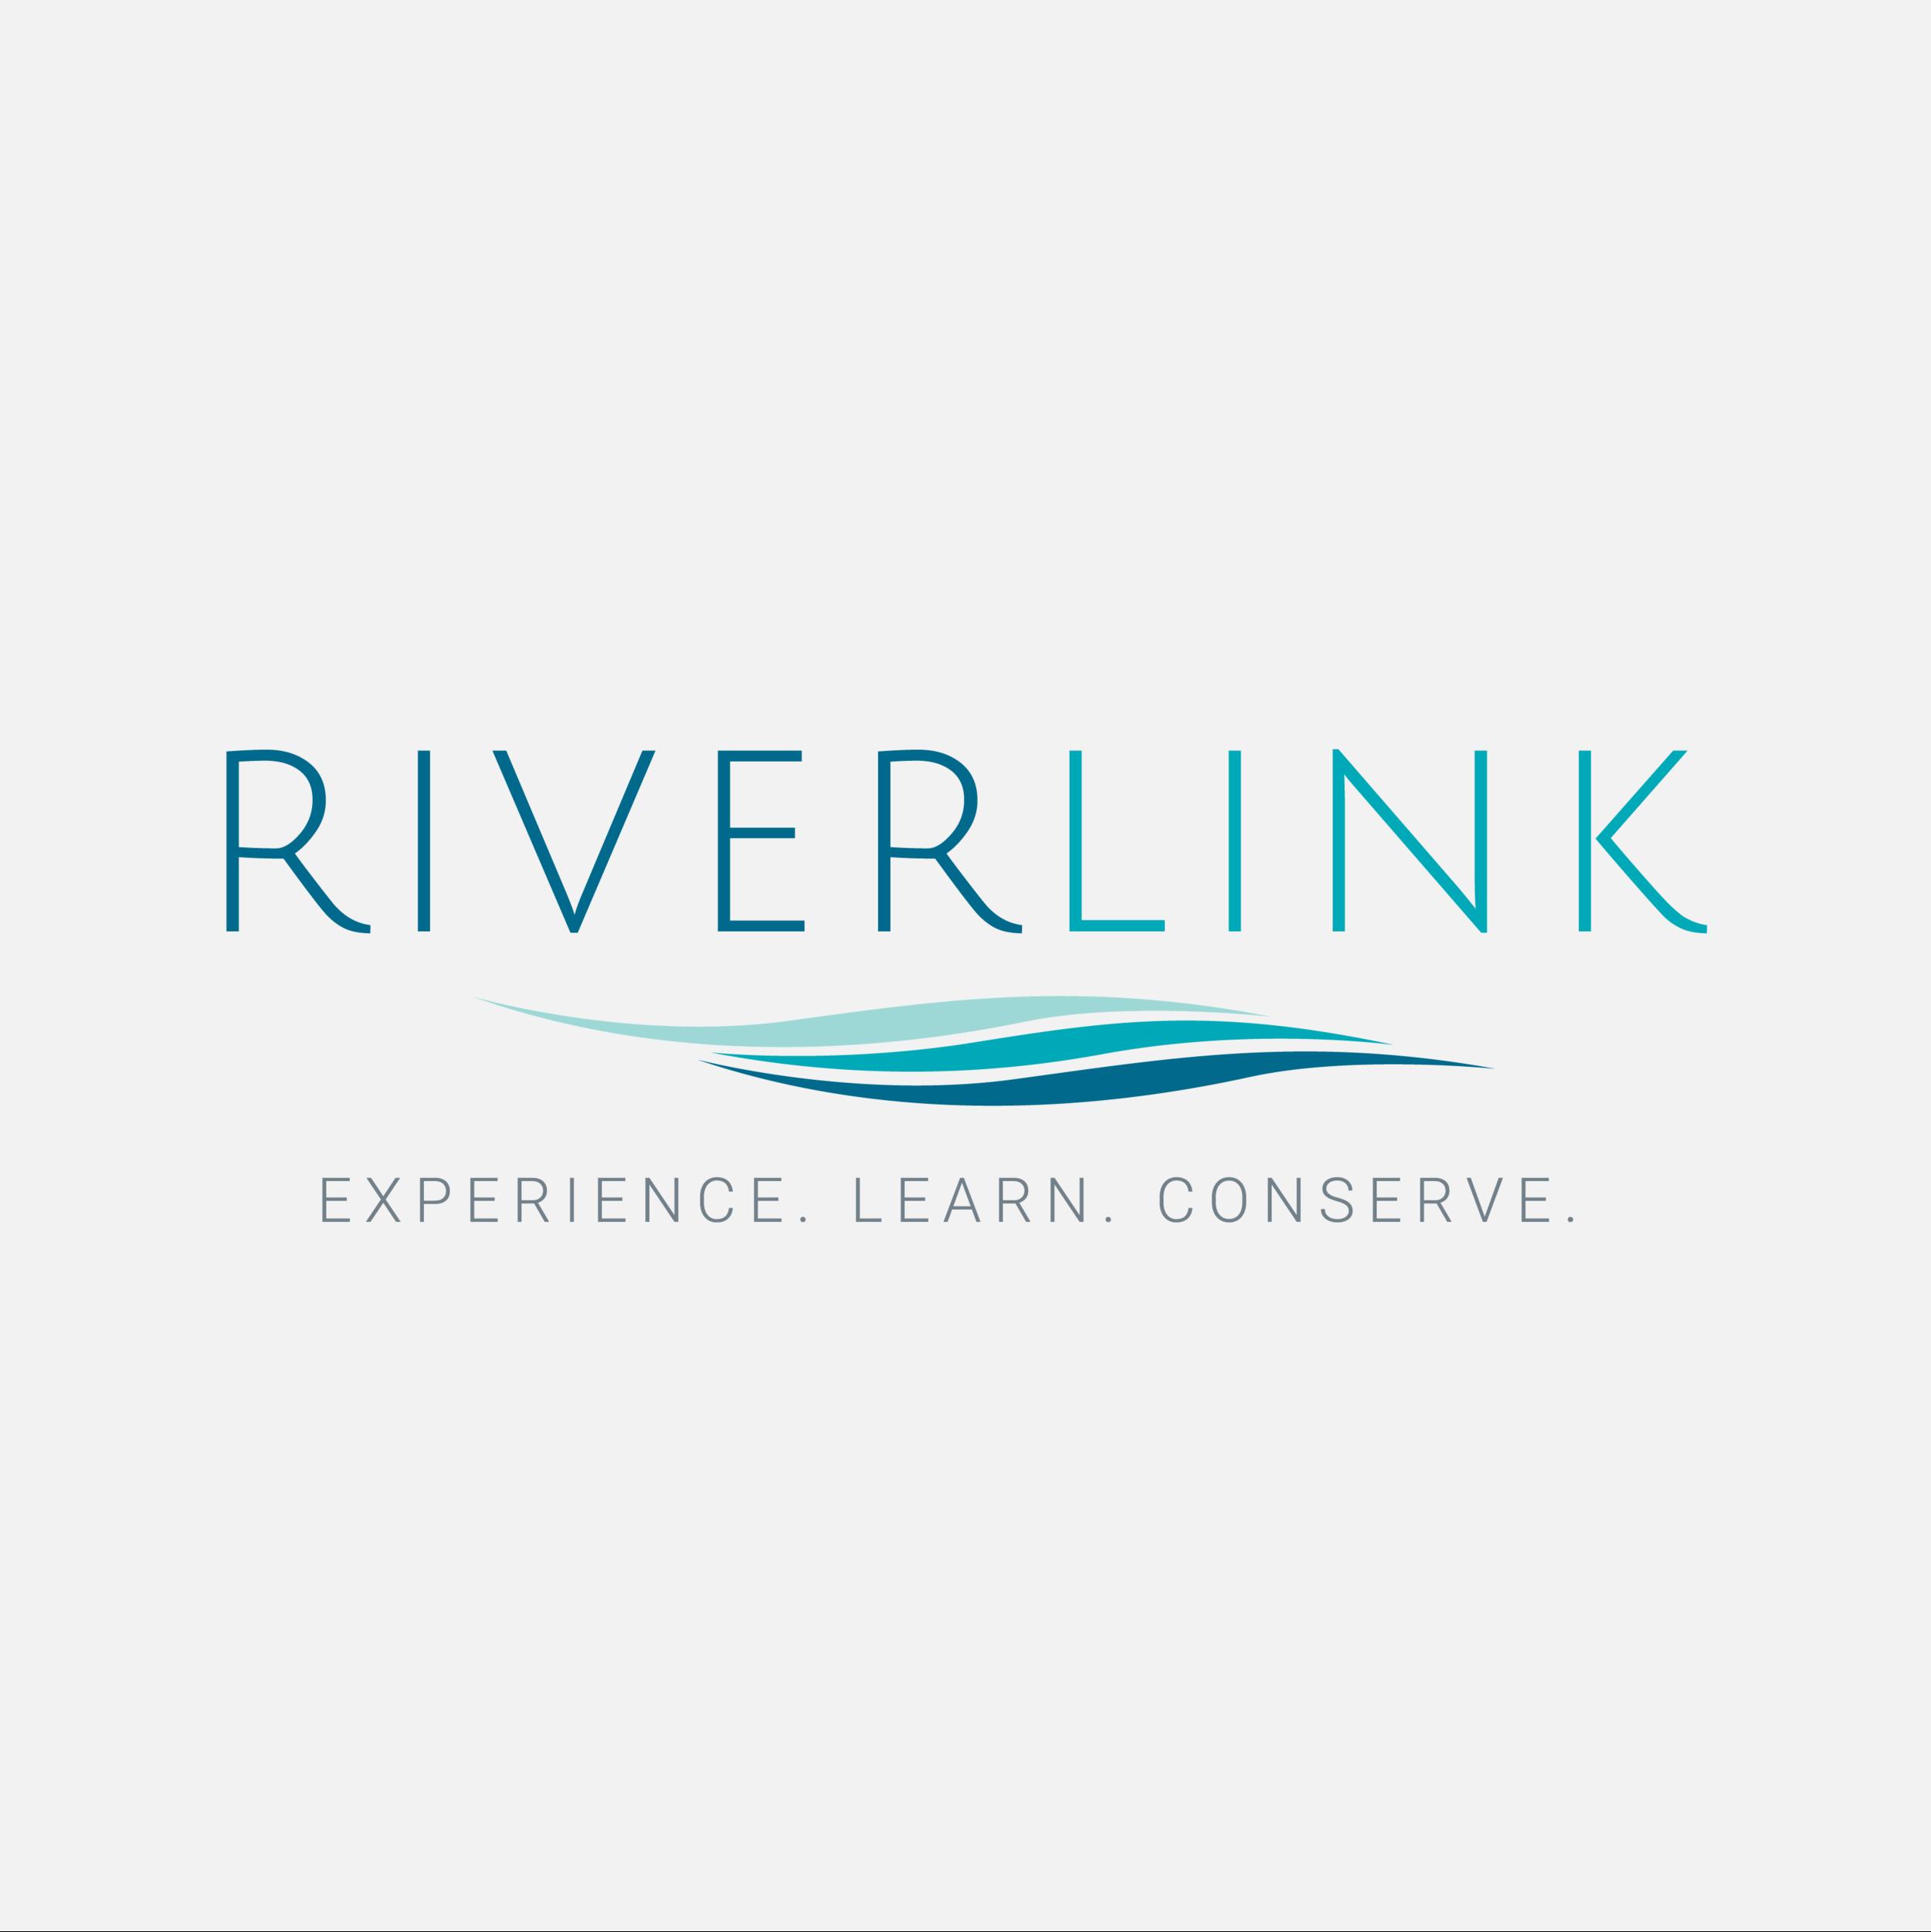 RL_logo-01.png